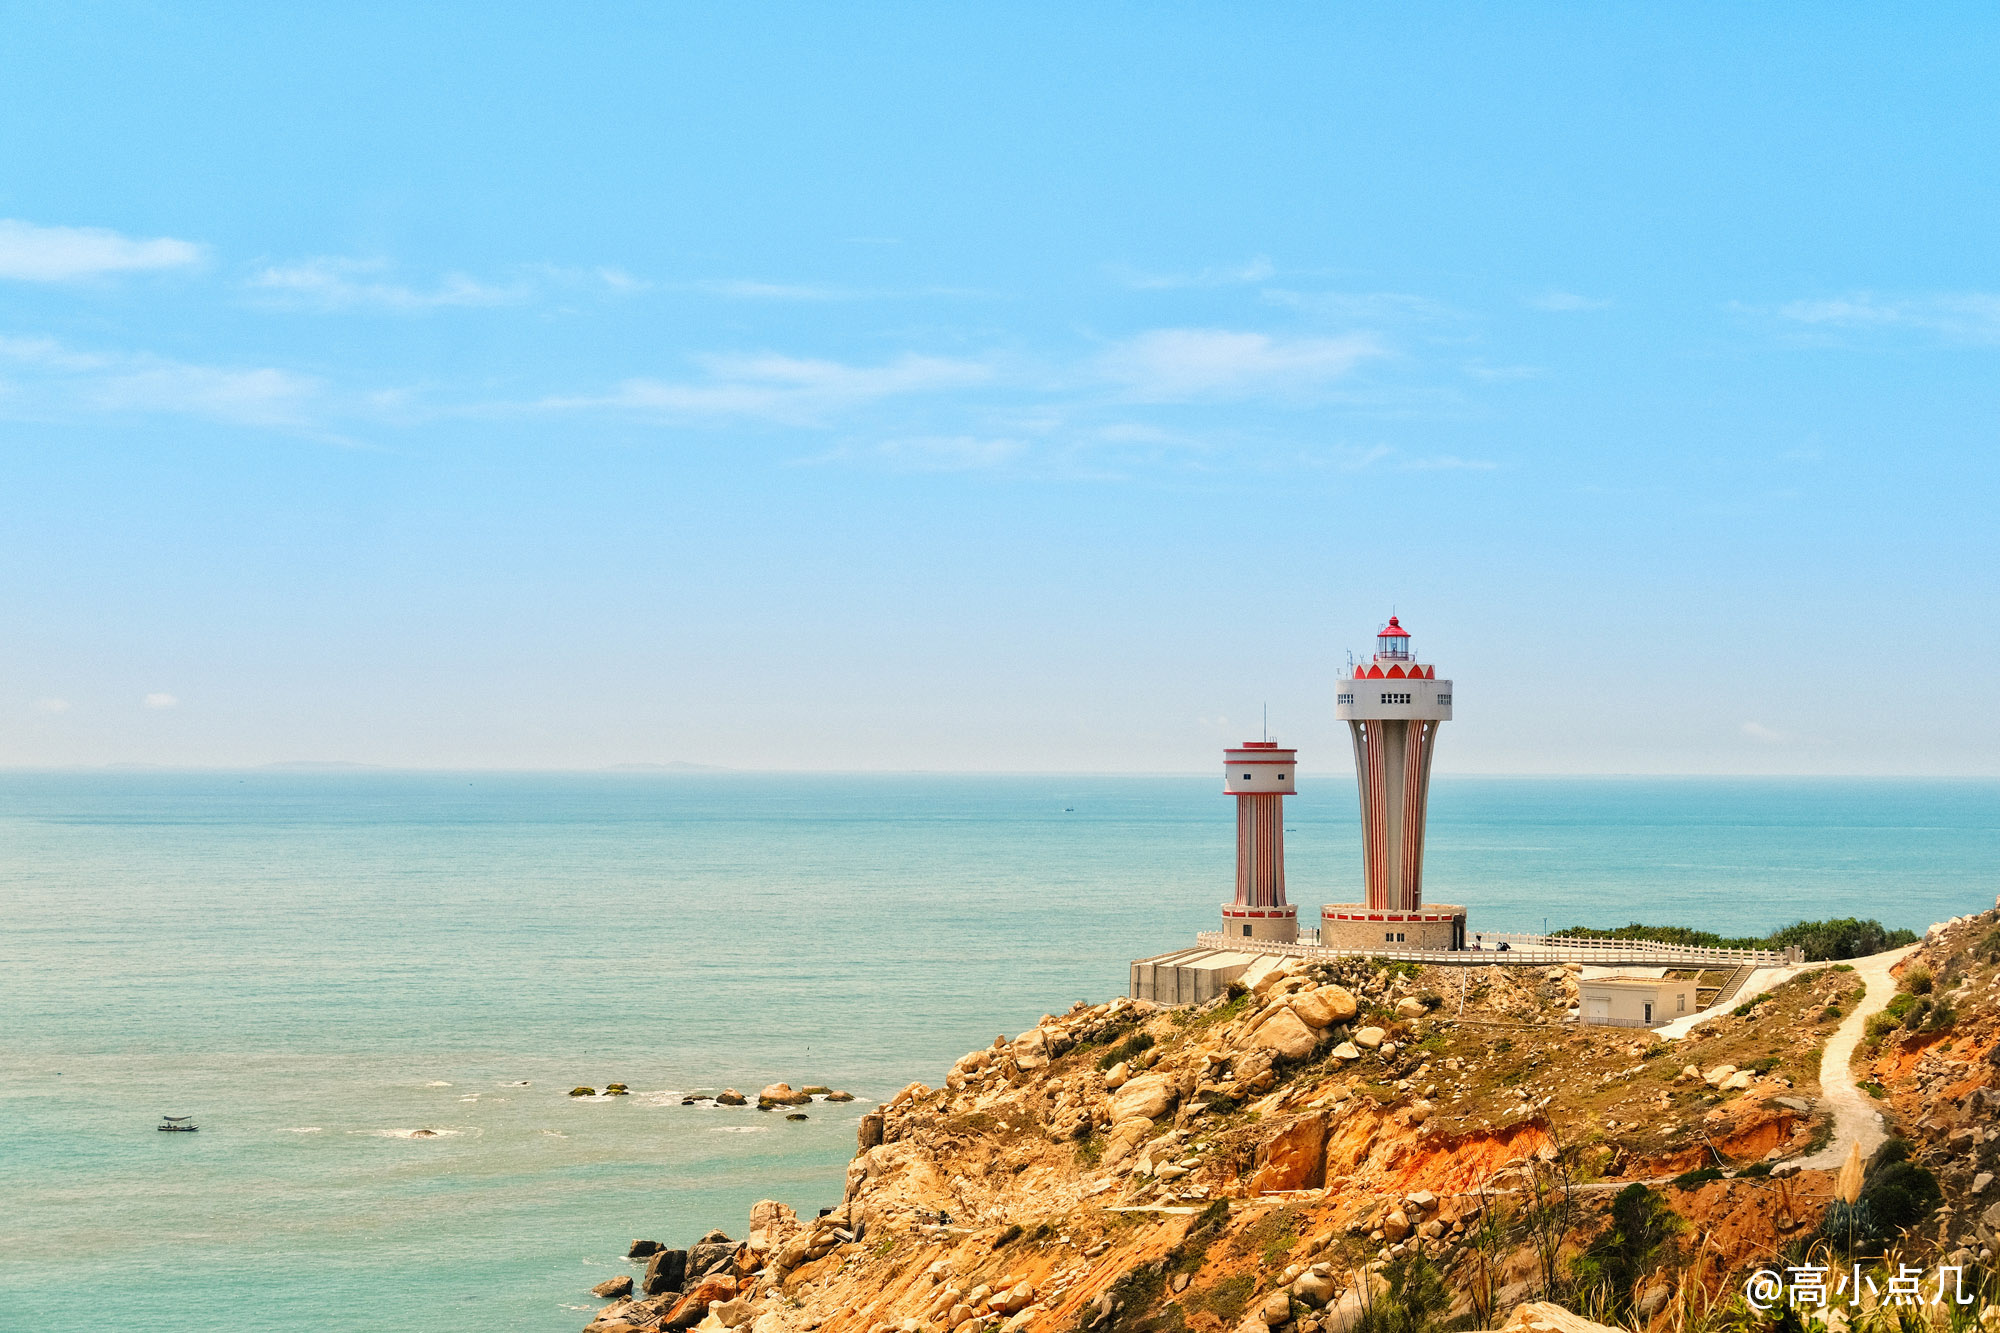 岛上有好几个网红灯塔 这便是其中一个小可爱